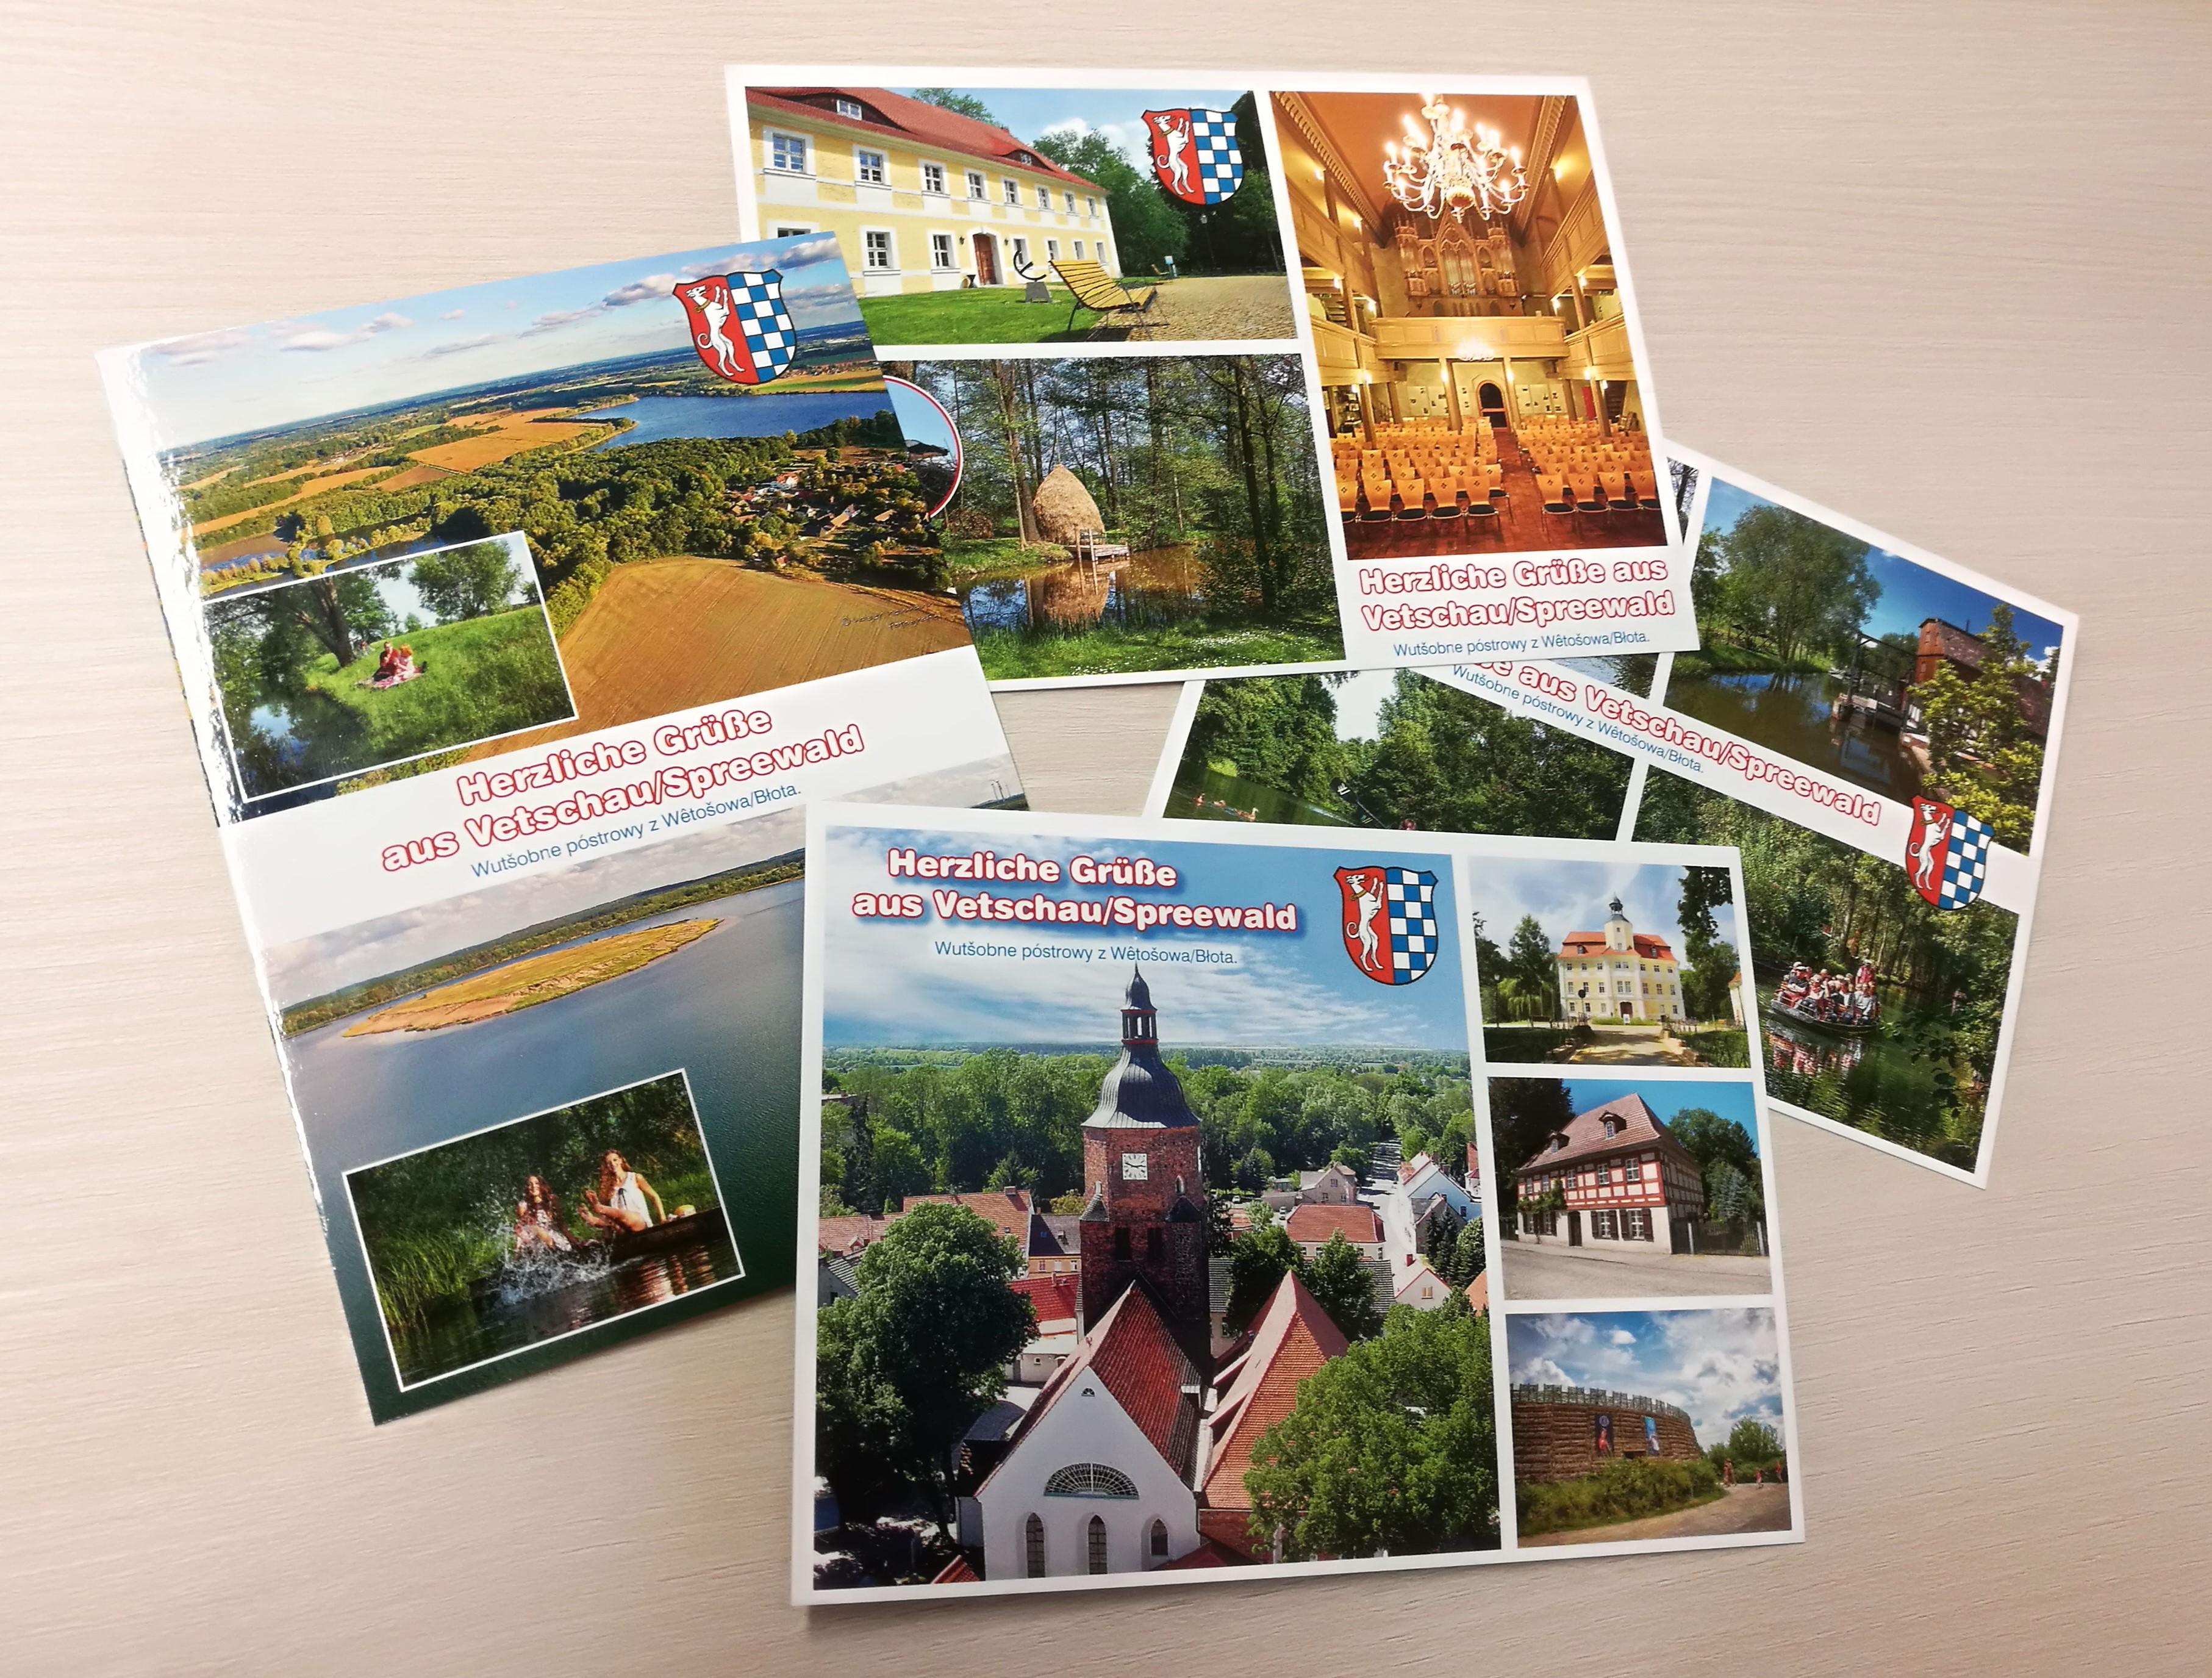 Vetschauer Ansichtskarten ©Stadt Vetschau/Spreewald